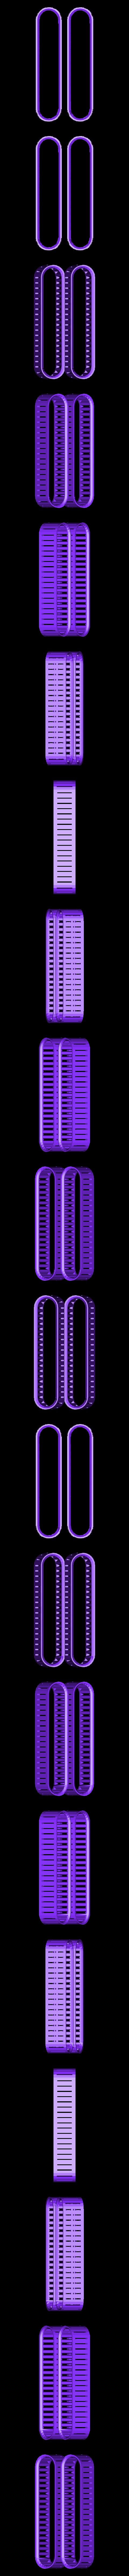 STL_UltiBotBot_Tracks.stl Download STL file The Ulti-BotBot • 3D printer design, XYZWorkshop